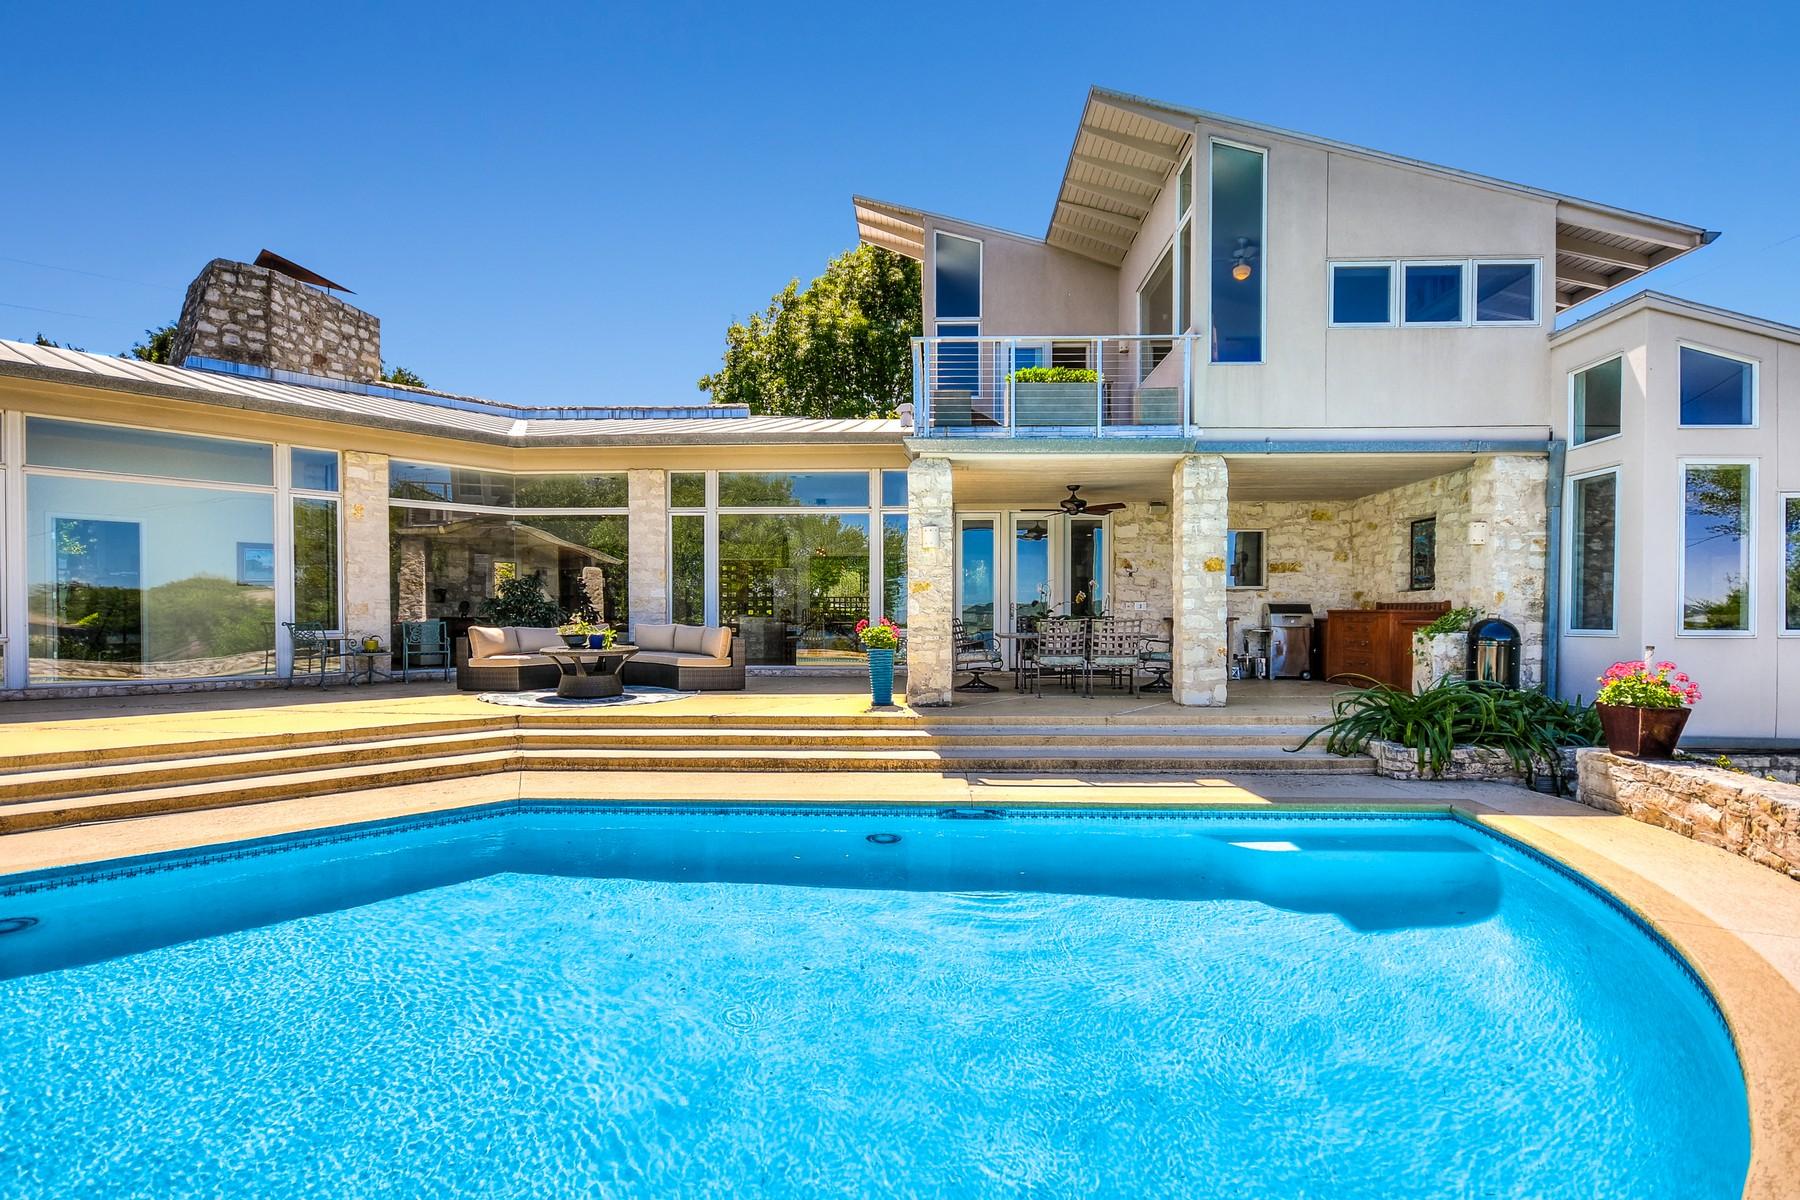 Einfamilienhaus für Verkauf beim Custom Contemporary with Amazing Lake Views 5115 Mcintyre Cir Austin, Texas, 78735 Vereinigte Staaten